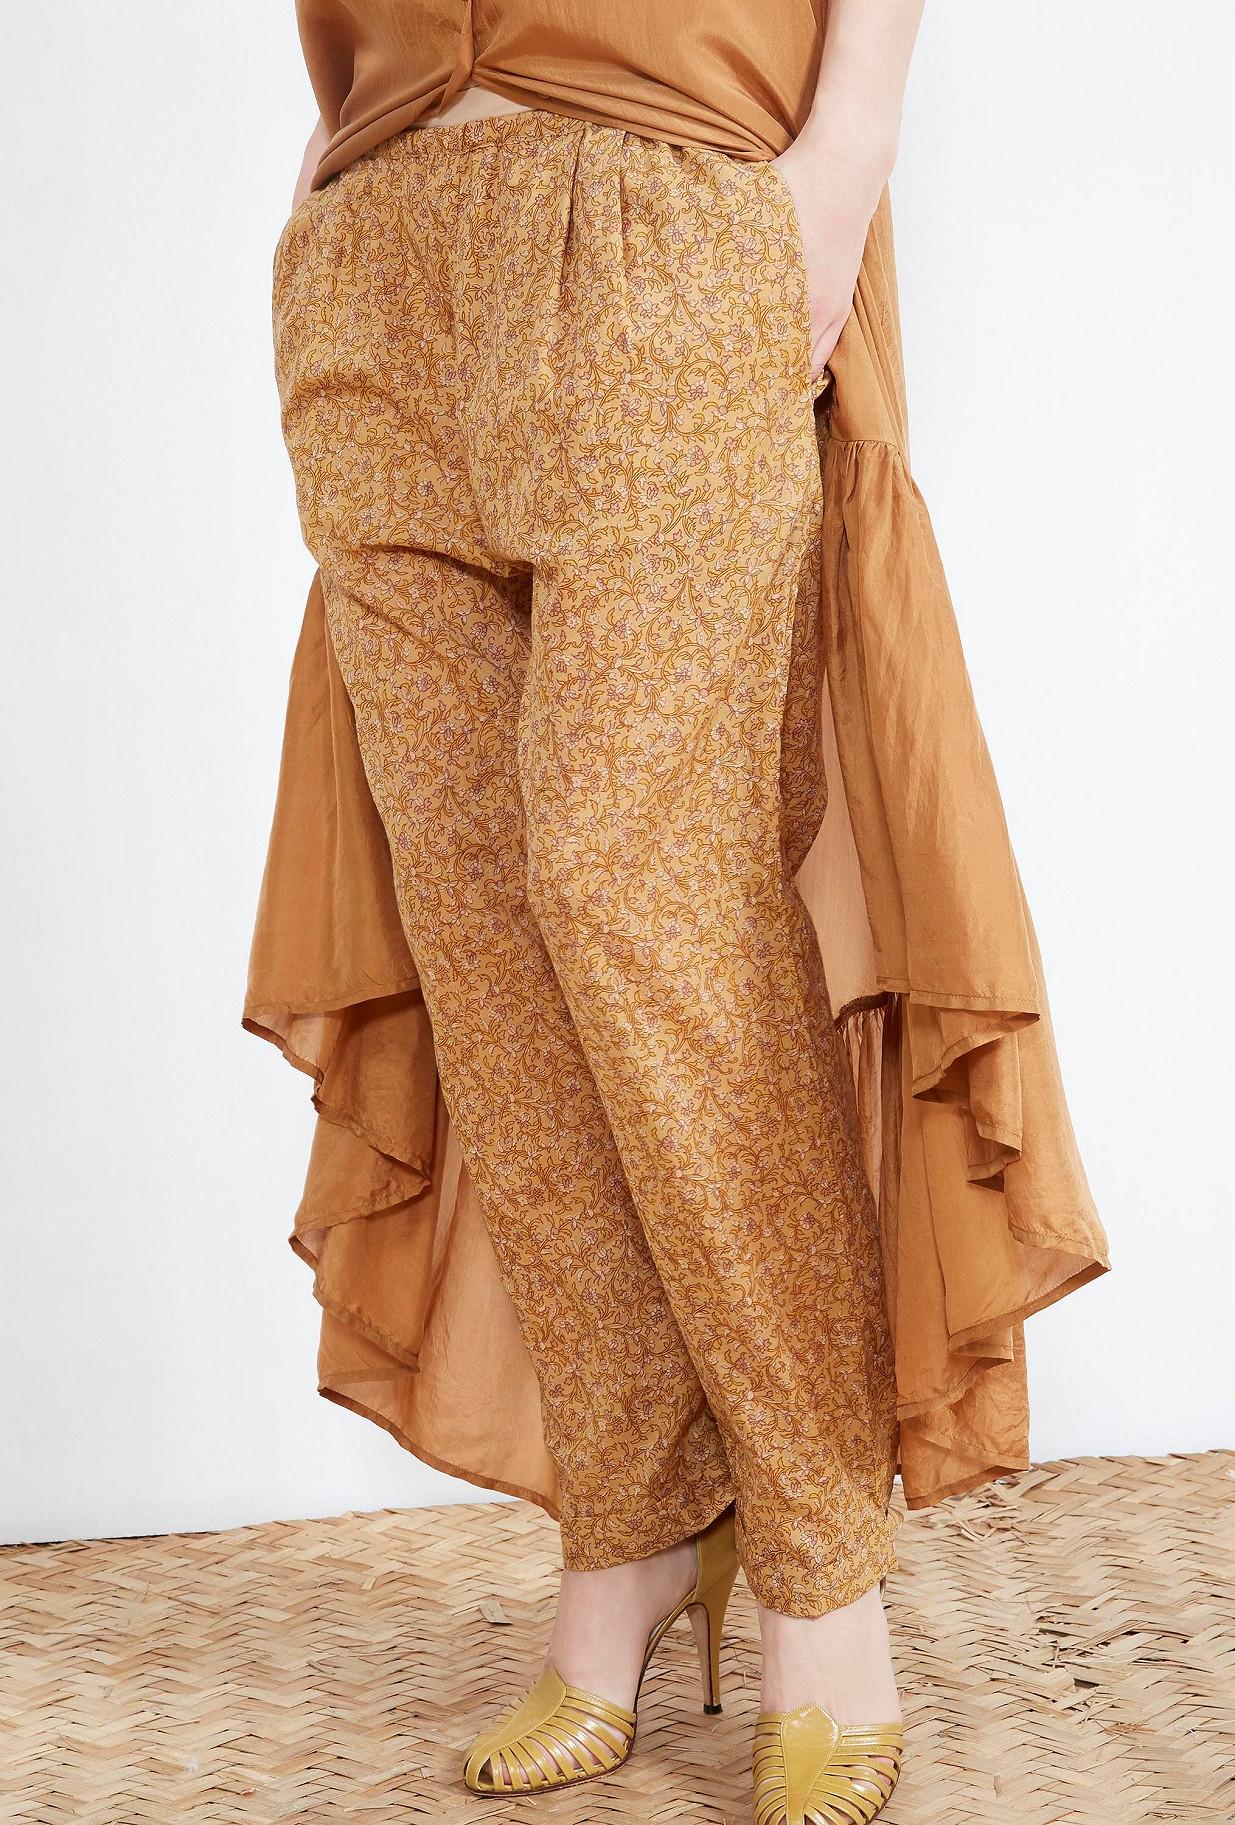 Nude print PANTS Aladin Mes Demoiselles Paris